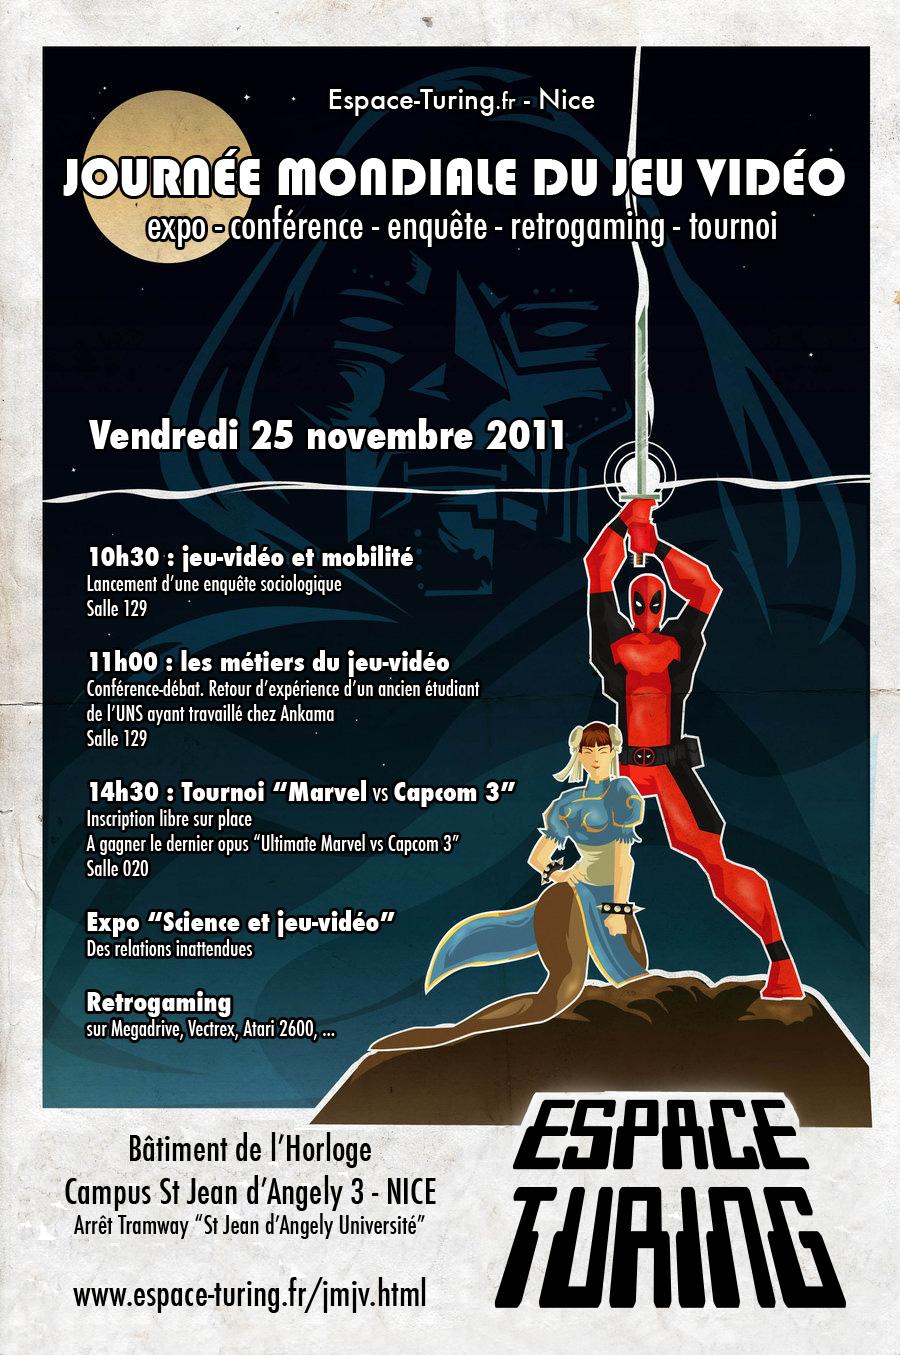 25/11/11 : Journée mondiale du jeu-video à l'Espace-Turing Tounoi